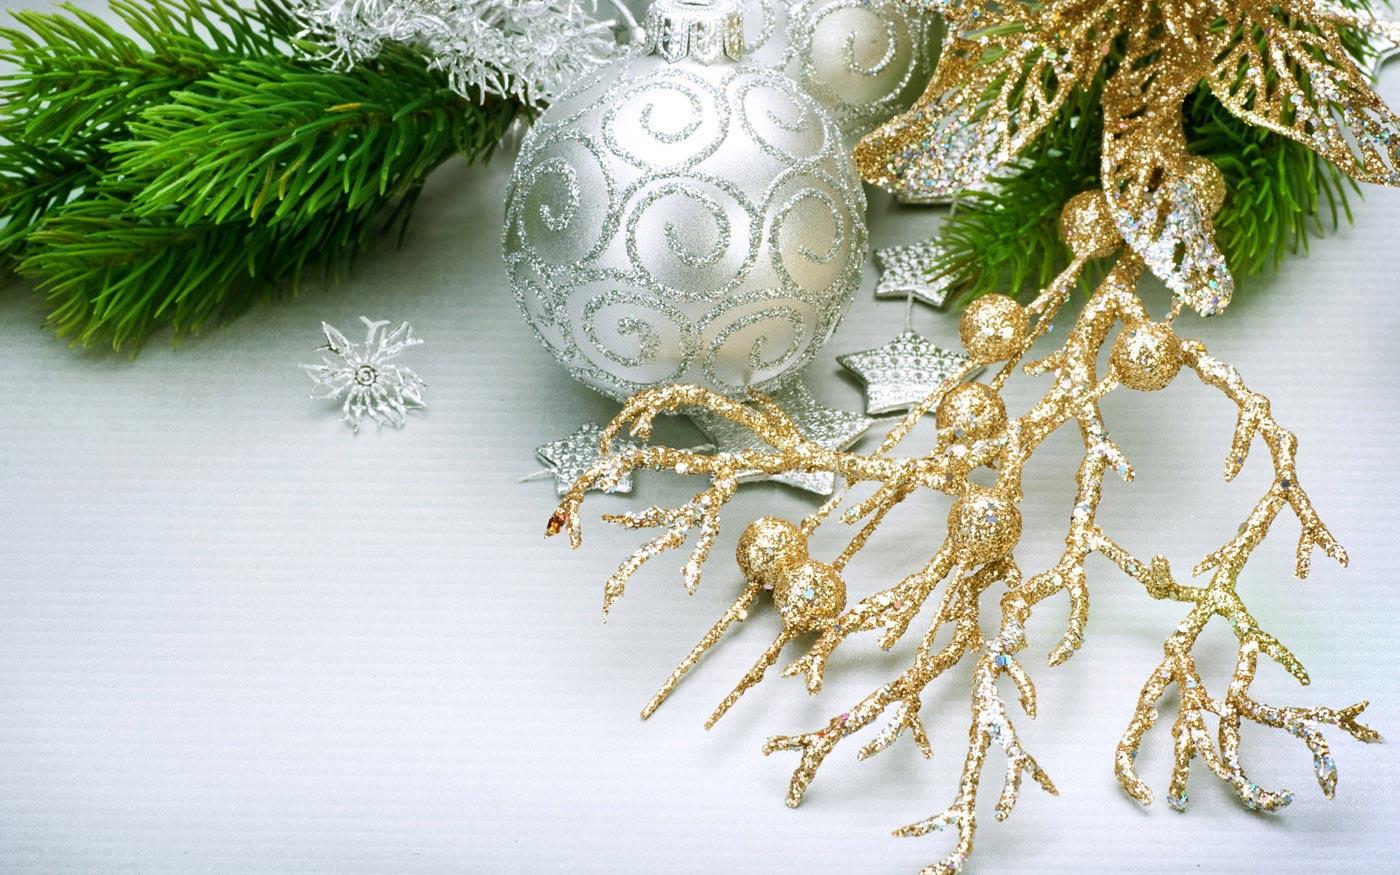 Sfondo decorazioni natalizie sfondo sfondo decorazioni - Decorazioni natalizie ...